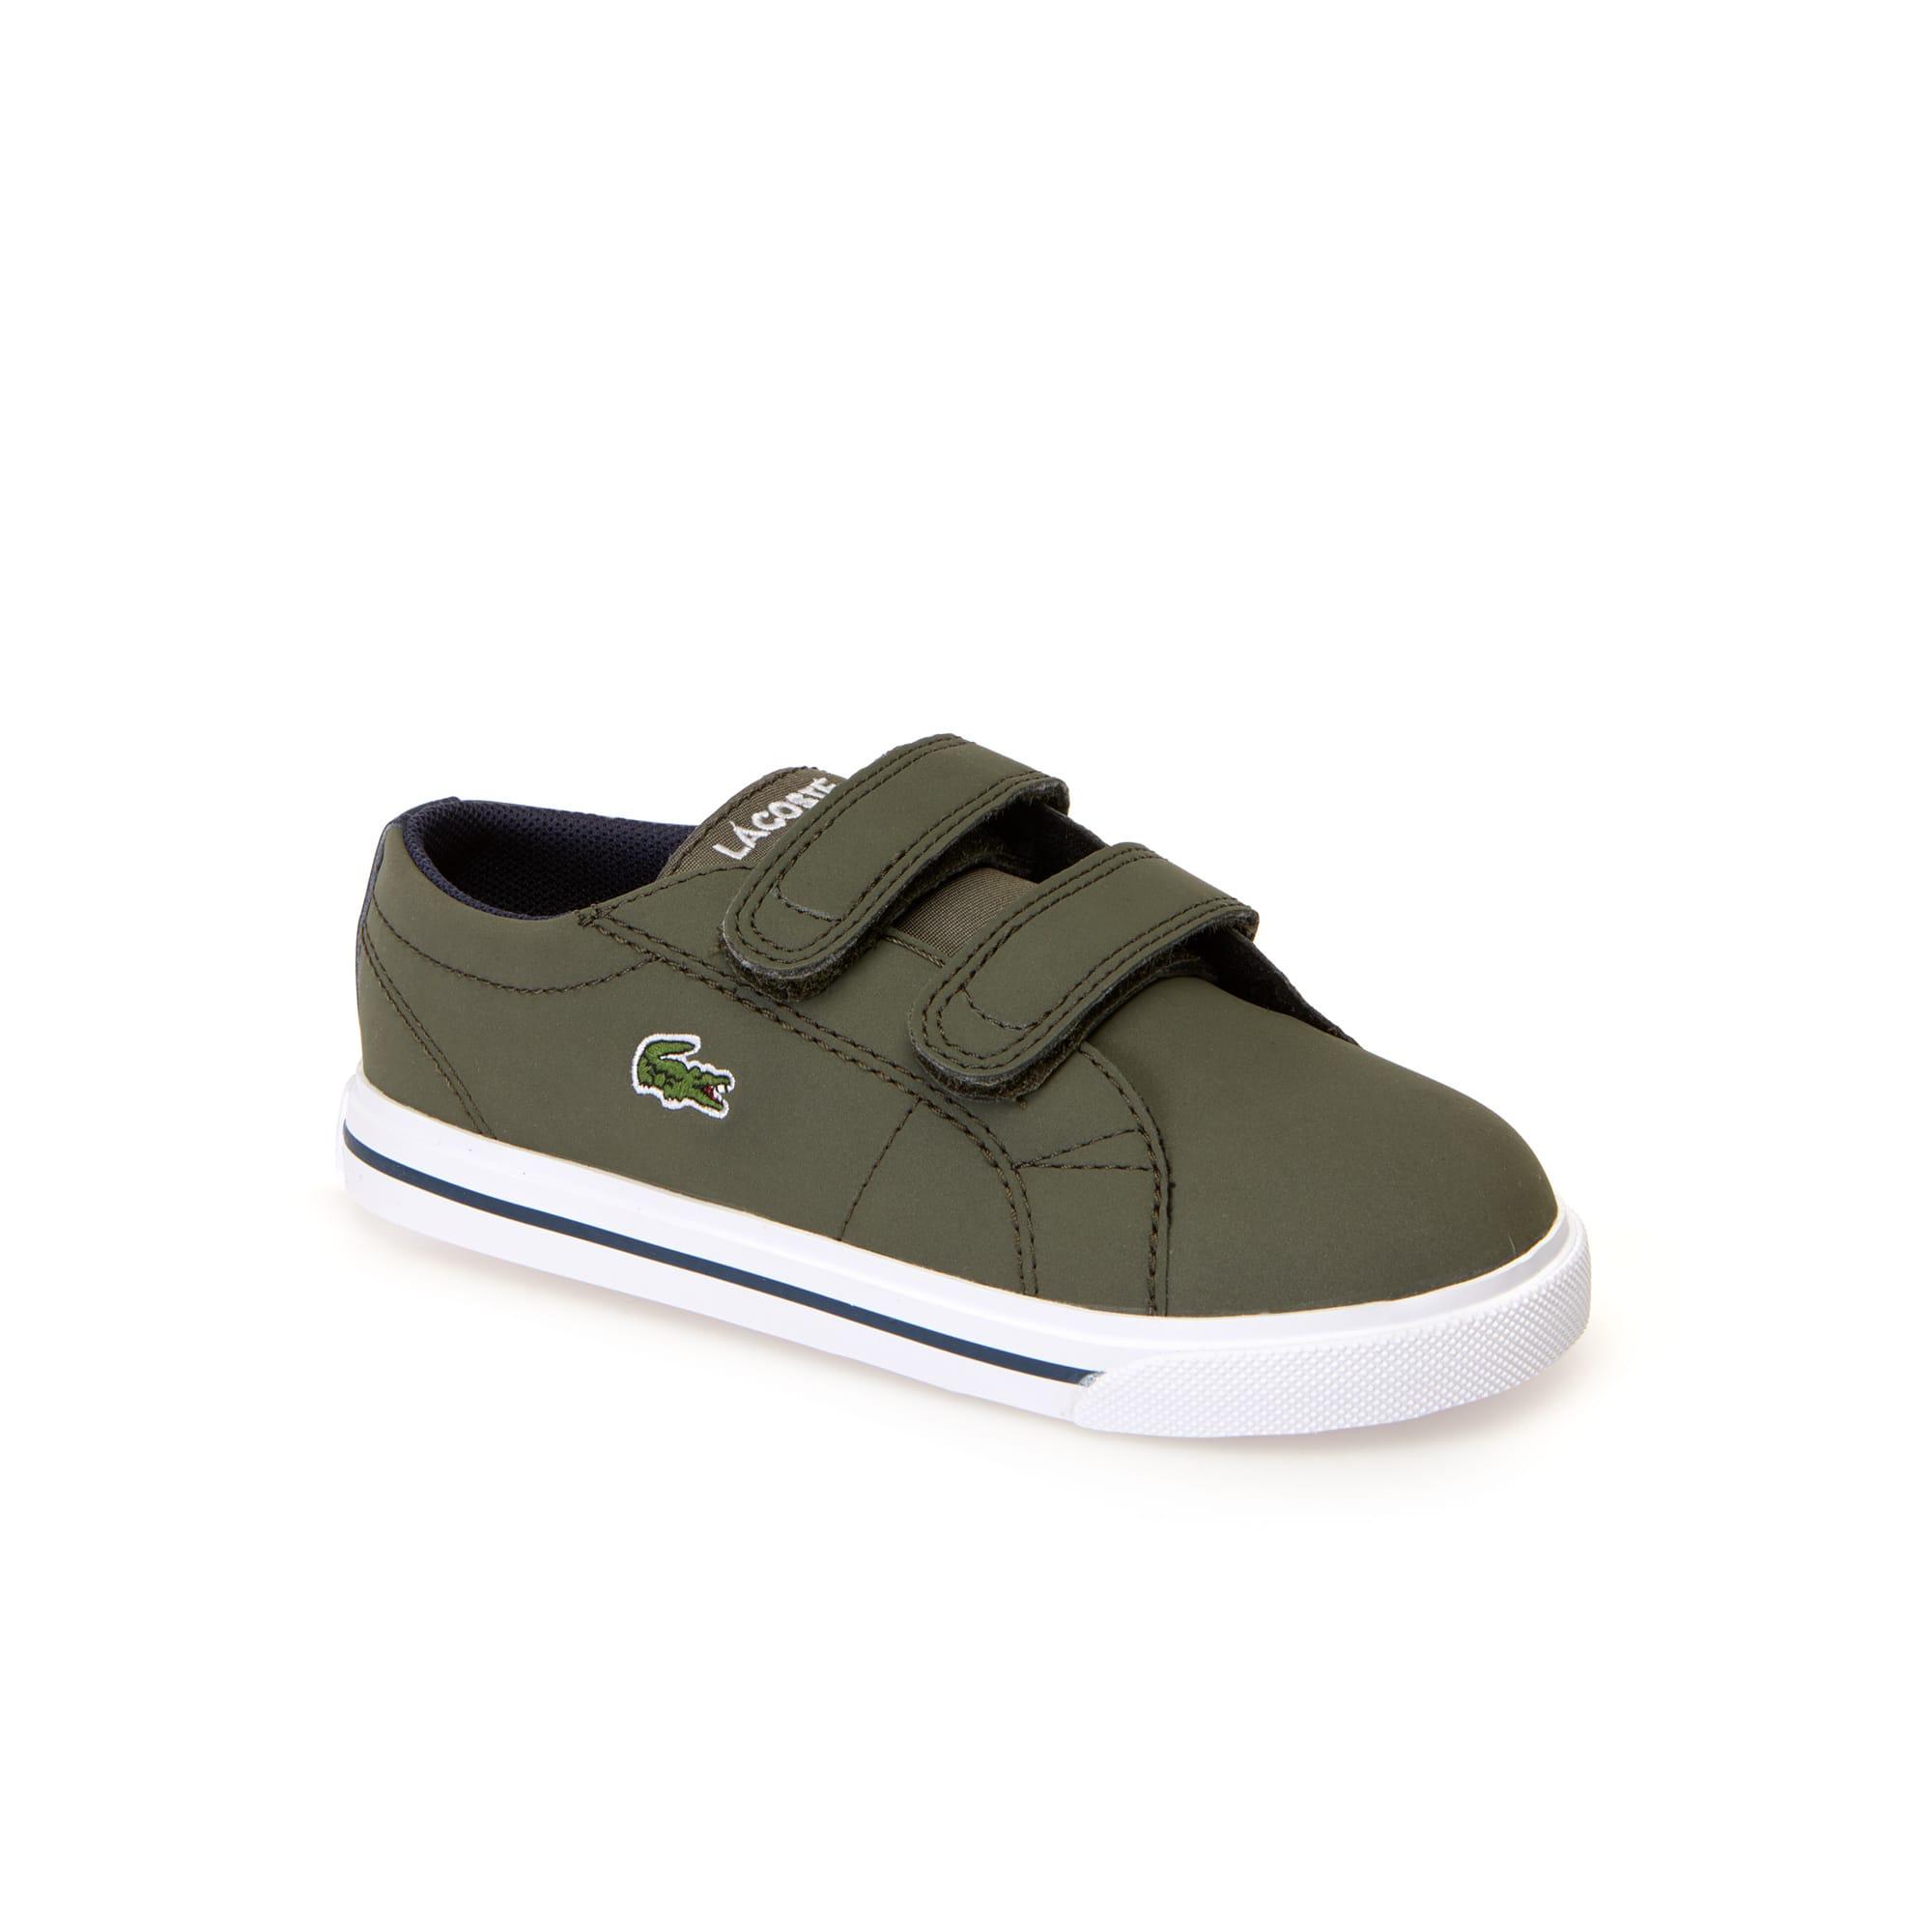 حذاء رياضي من خيوط صناعية Riberac للأطفال الرضع